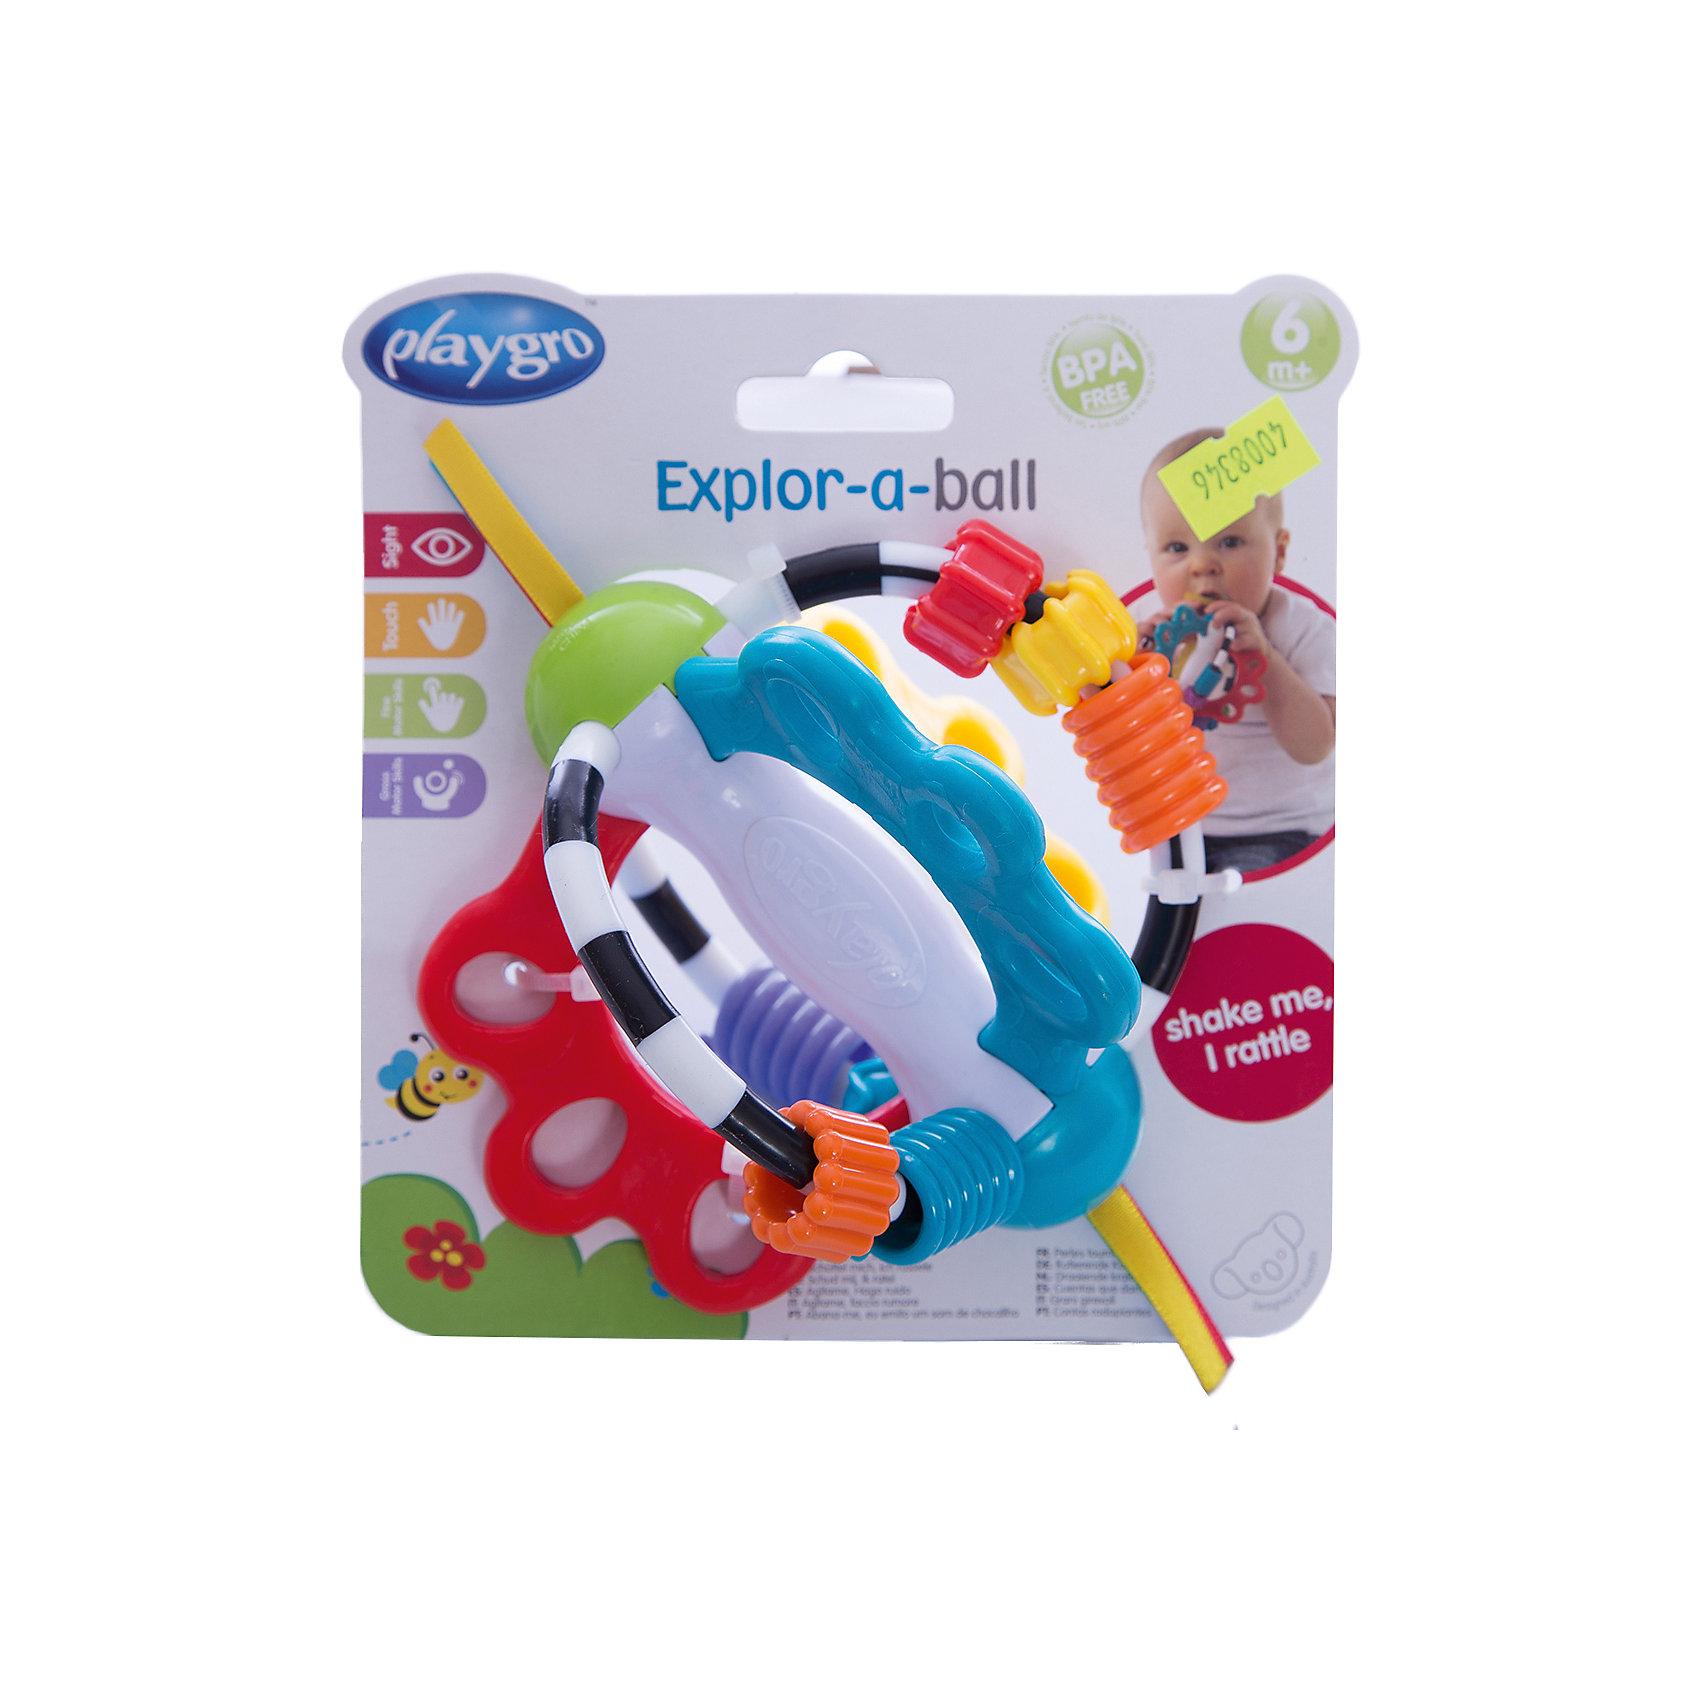 Развивающая игрушка, PlaygroРазвивающие игрушки<br>Многофункциональная игрушка Playgro развивают не только зрение, но и моторику малыша. Она имеет необычную форму и украшена различными фигурками в виде звездочек, сердечек и бусинок, а ее края декорированы ленточками. Игрушка изготовлена экологически чистых и гипоаллергенных материалов, безопасных для здоровья ребенка.<br><br>Дополнительная информация:<br><br>- Возраст: от 6 до 18 месяцев<br>- Материал: пластик, текстиль<br>- Диаметр игрушки: 17 см<br>- Вес: 0.15 кг<br><br>Развивающую игрушку, Playgro можно купить в нашем интернет-магазине.<br><br>Ширина мм: 164<br>Глубина мм: 145<br>Высота мм: 111<br>Вес г: 115<br>Возраст от месяцев: 6<br>Возраст до месяцев: 18<br>Пол: Унисекс<br>Возраст: Детский<br>SKU: 4008346